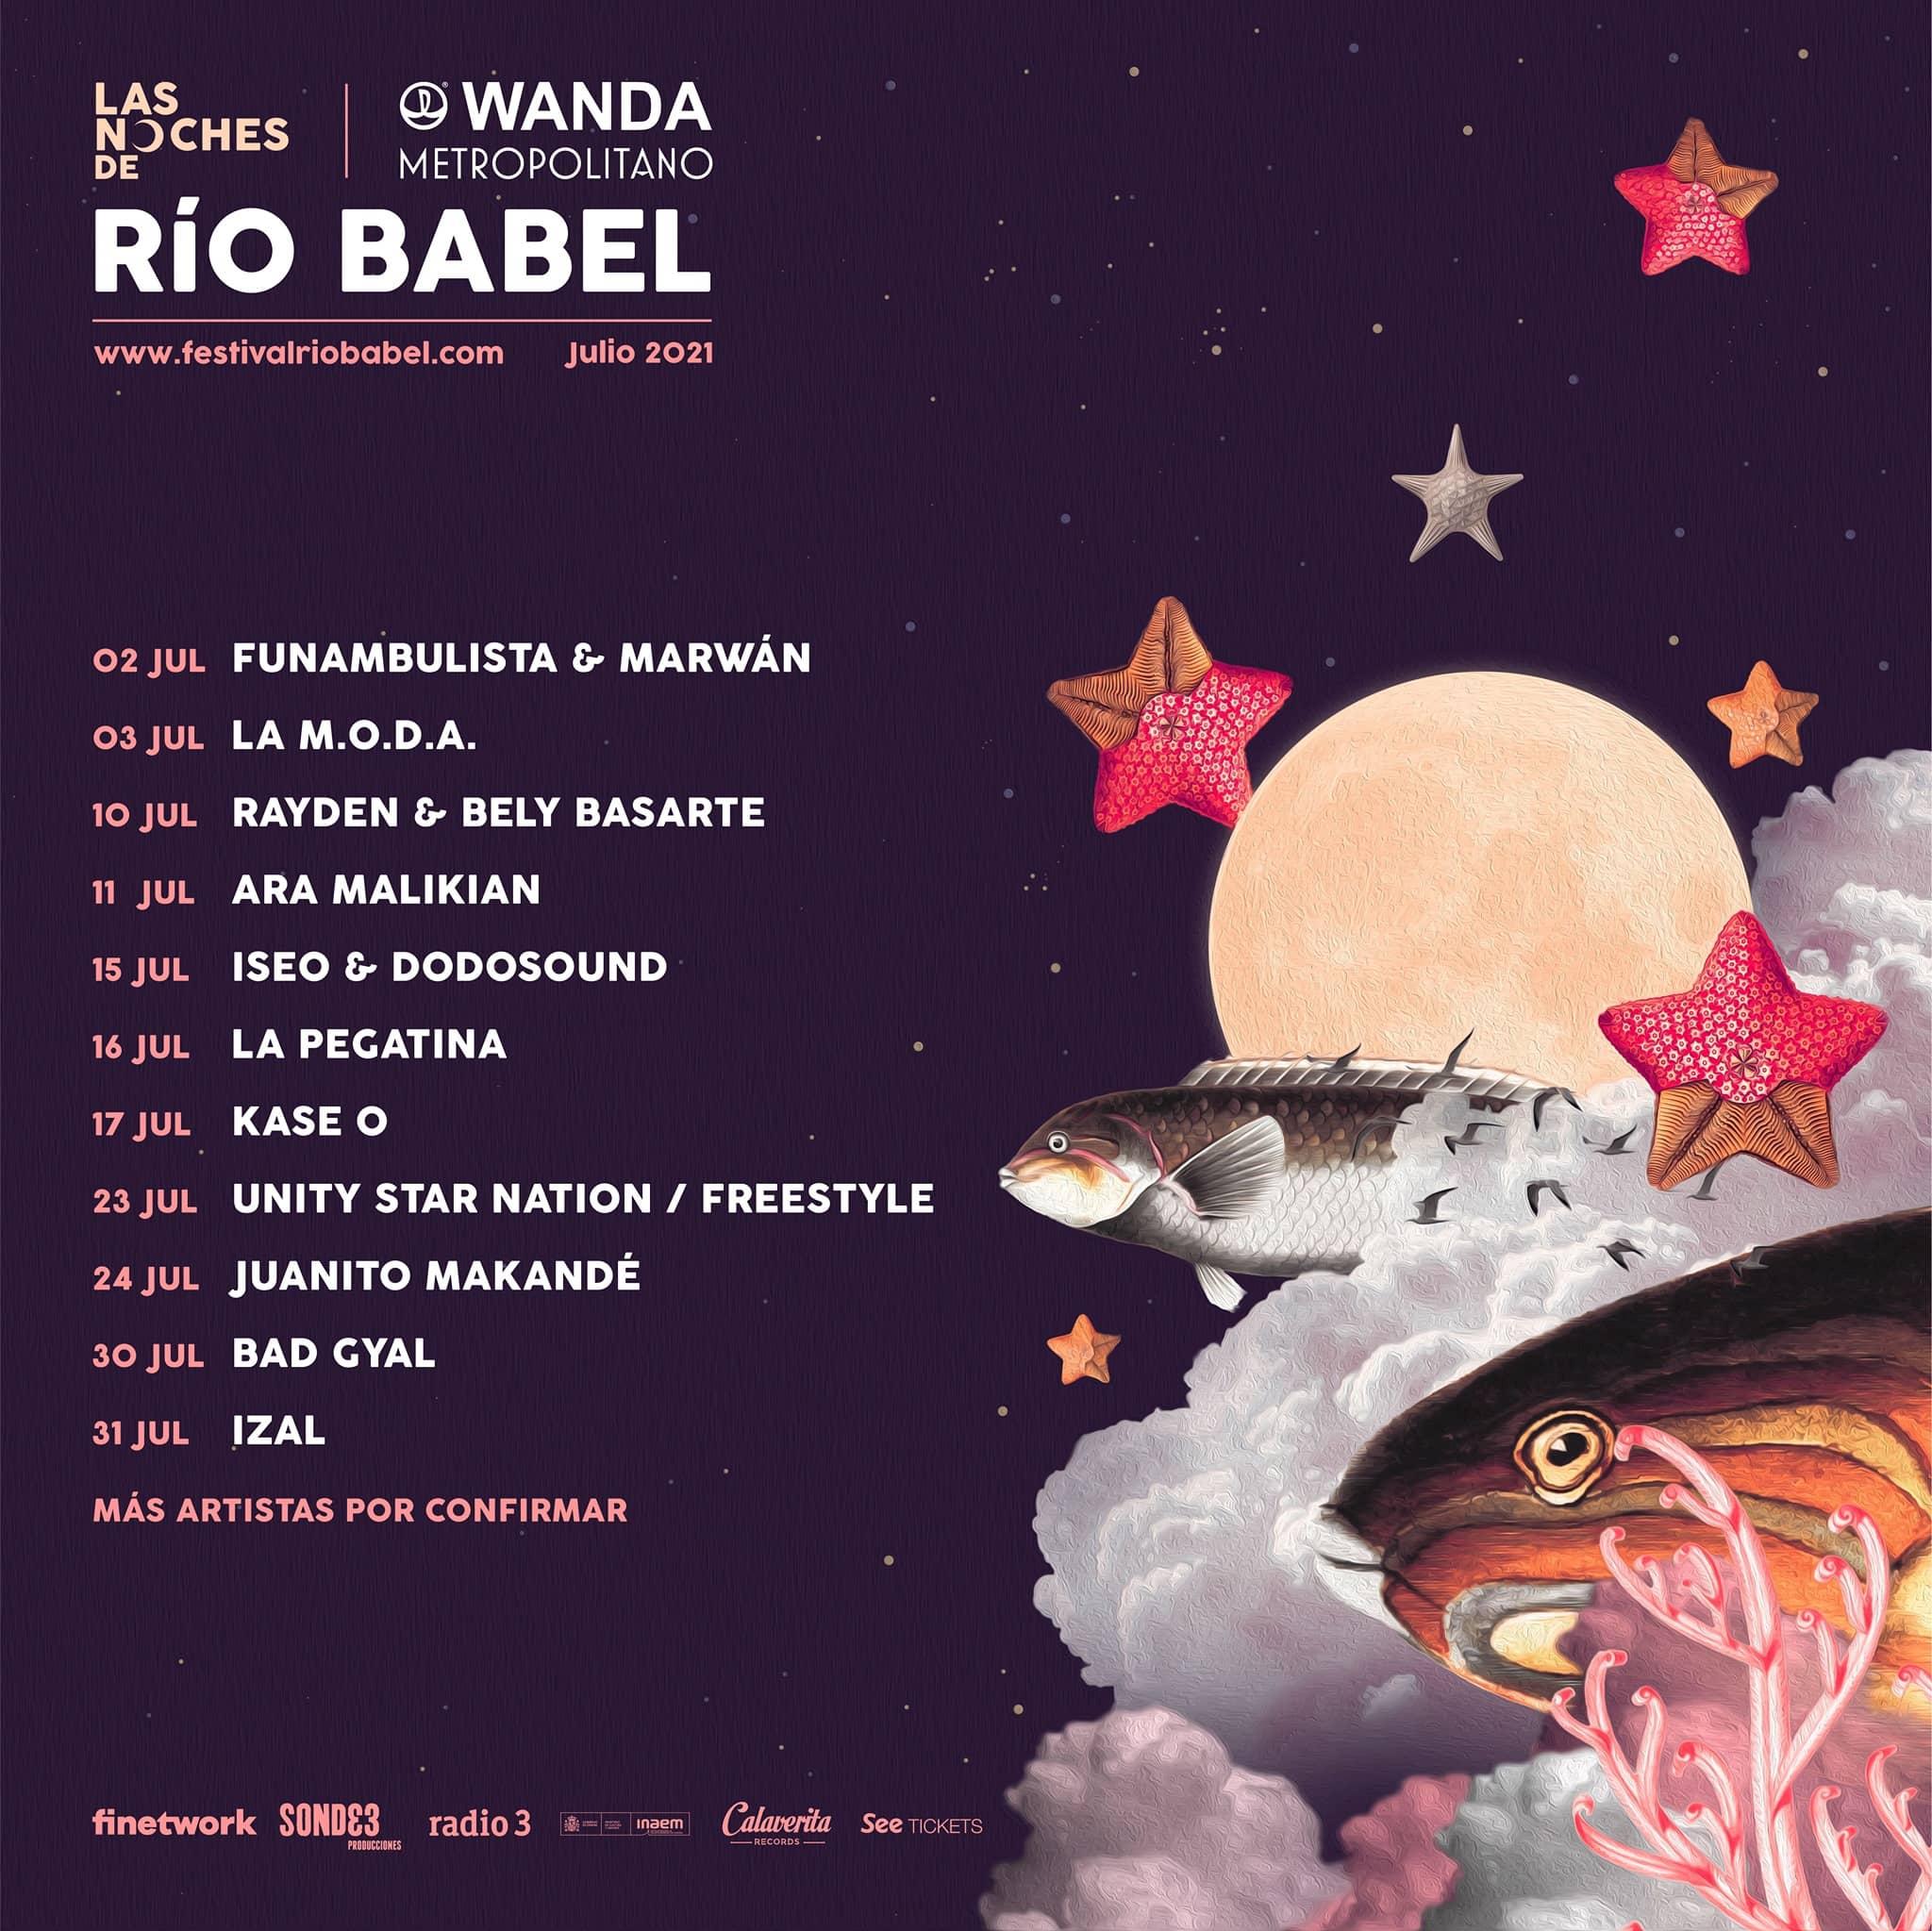 Las Noches de Rio Babel 2021